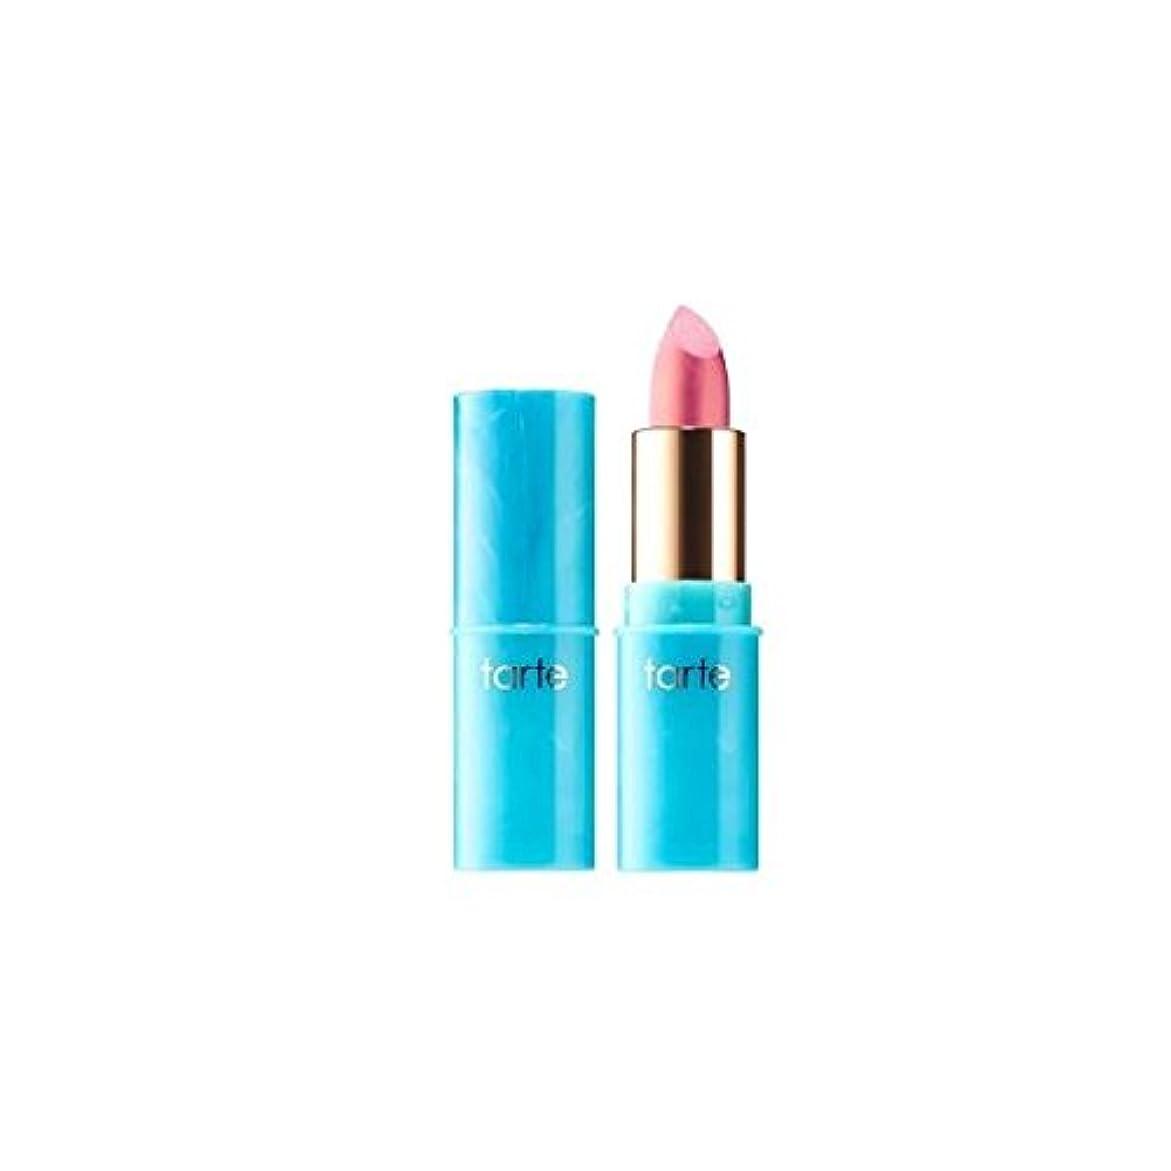 スラム確立します起こるtarteタルト リップ Color Splash Lipstick - Rainforest of the Sea Collection Metallic finish